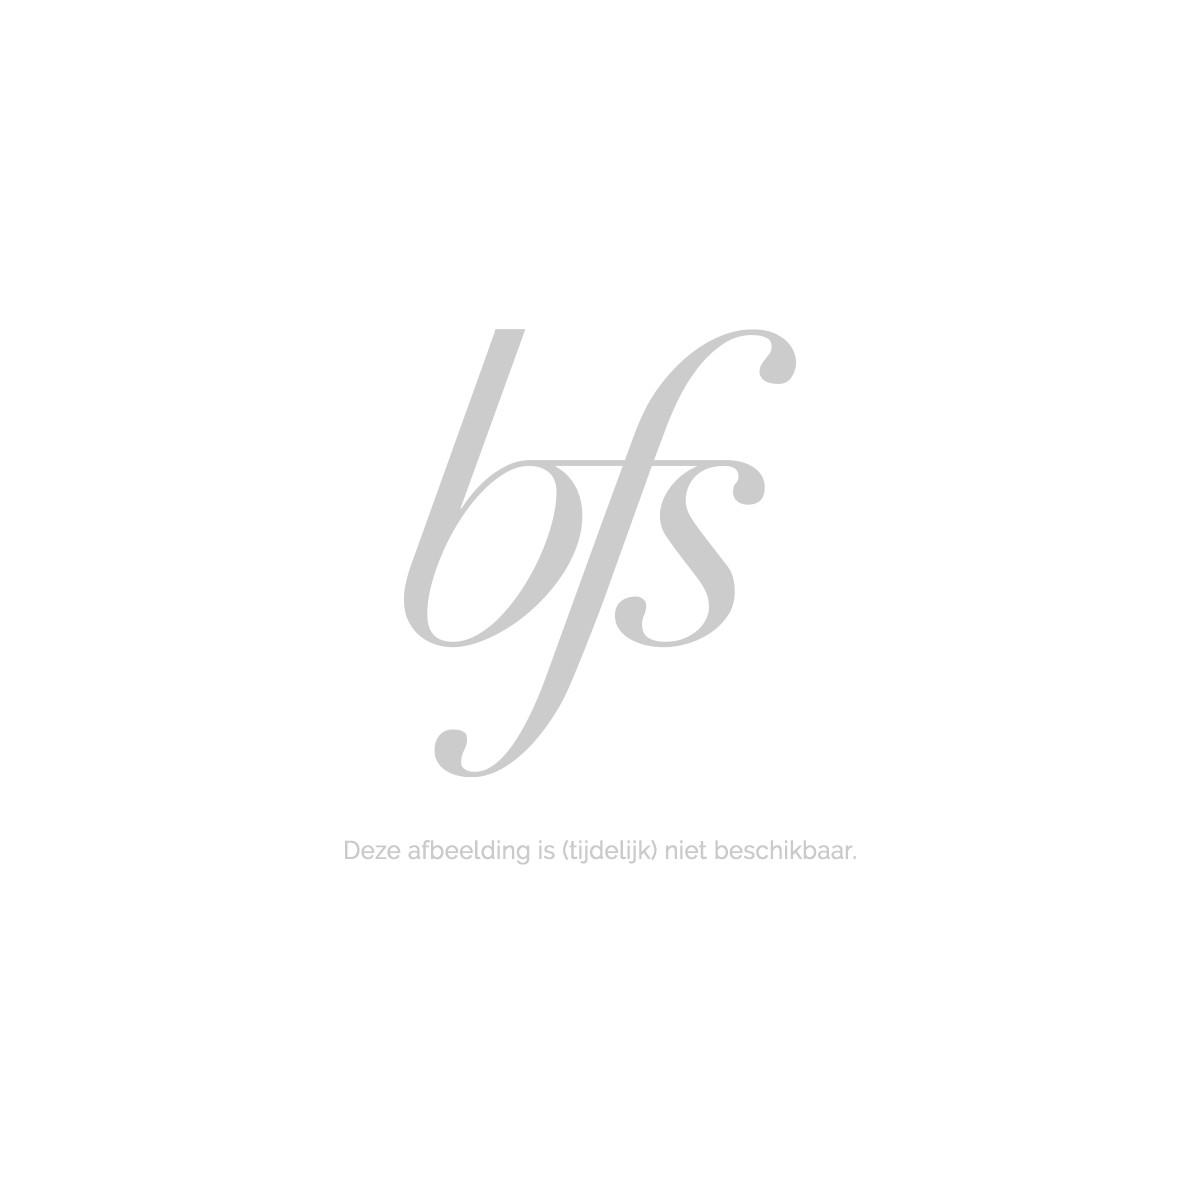 Matis Avantage Normal and Combi Skin 50Ml